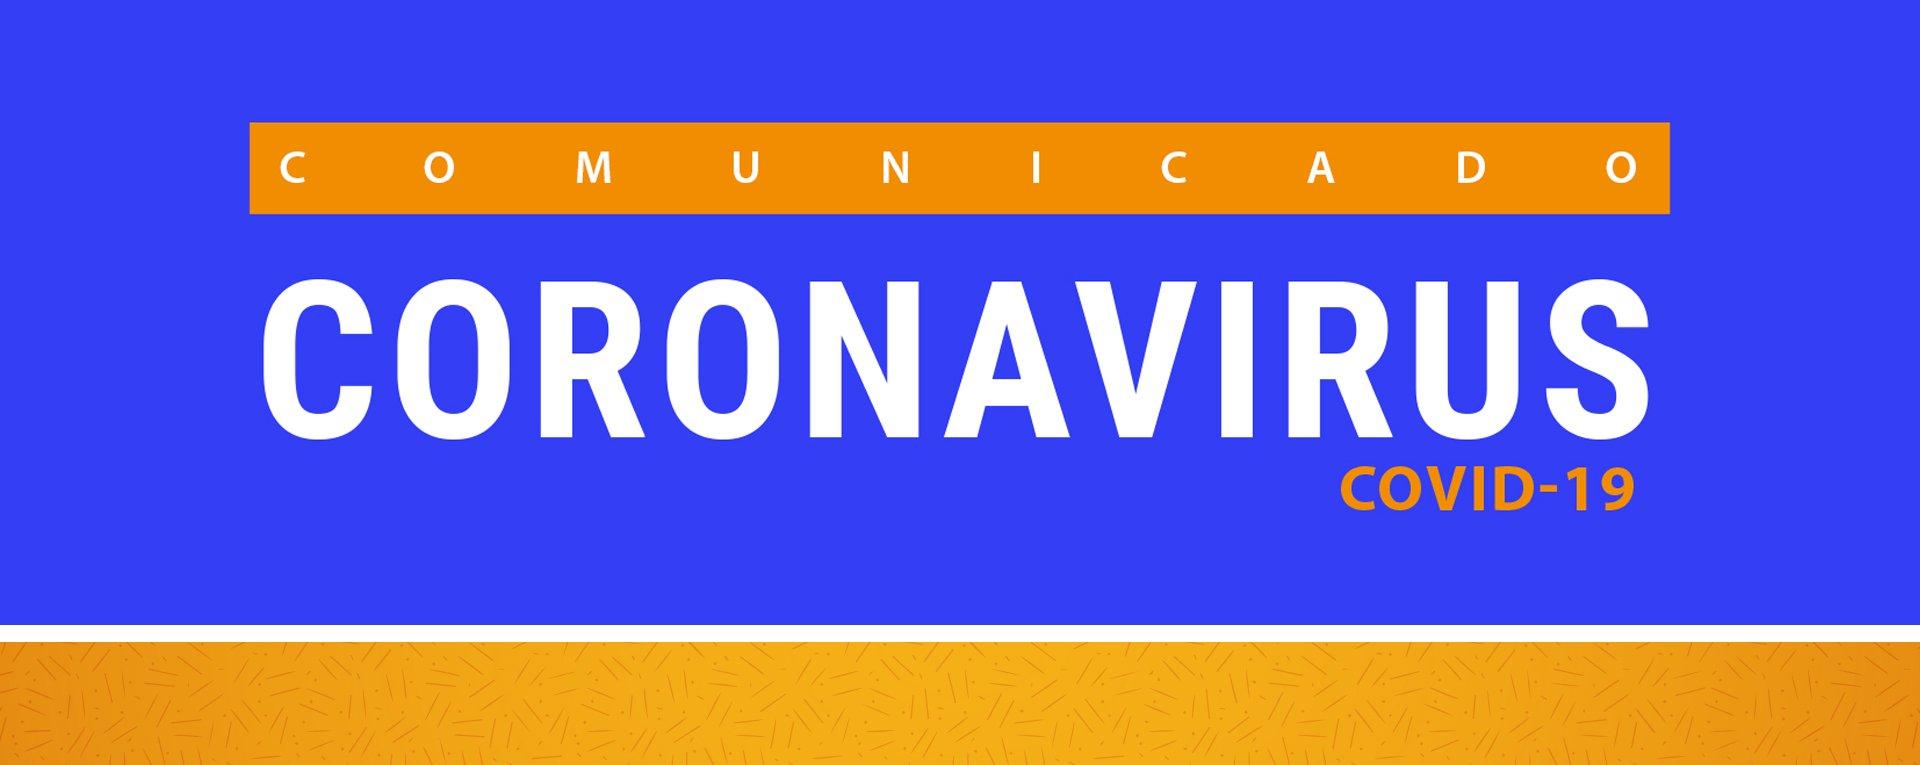 Comunicado: Coronavirus (COVID-19)